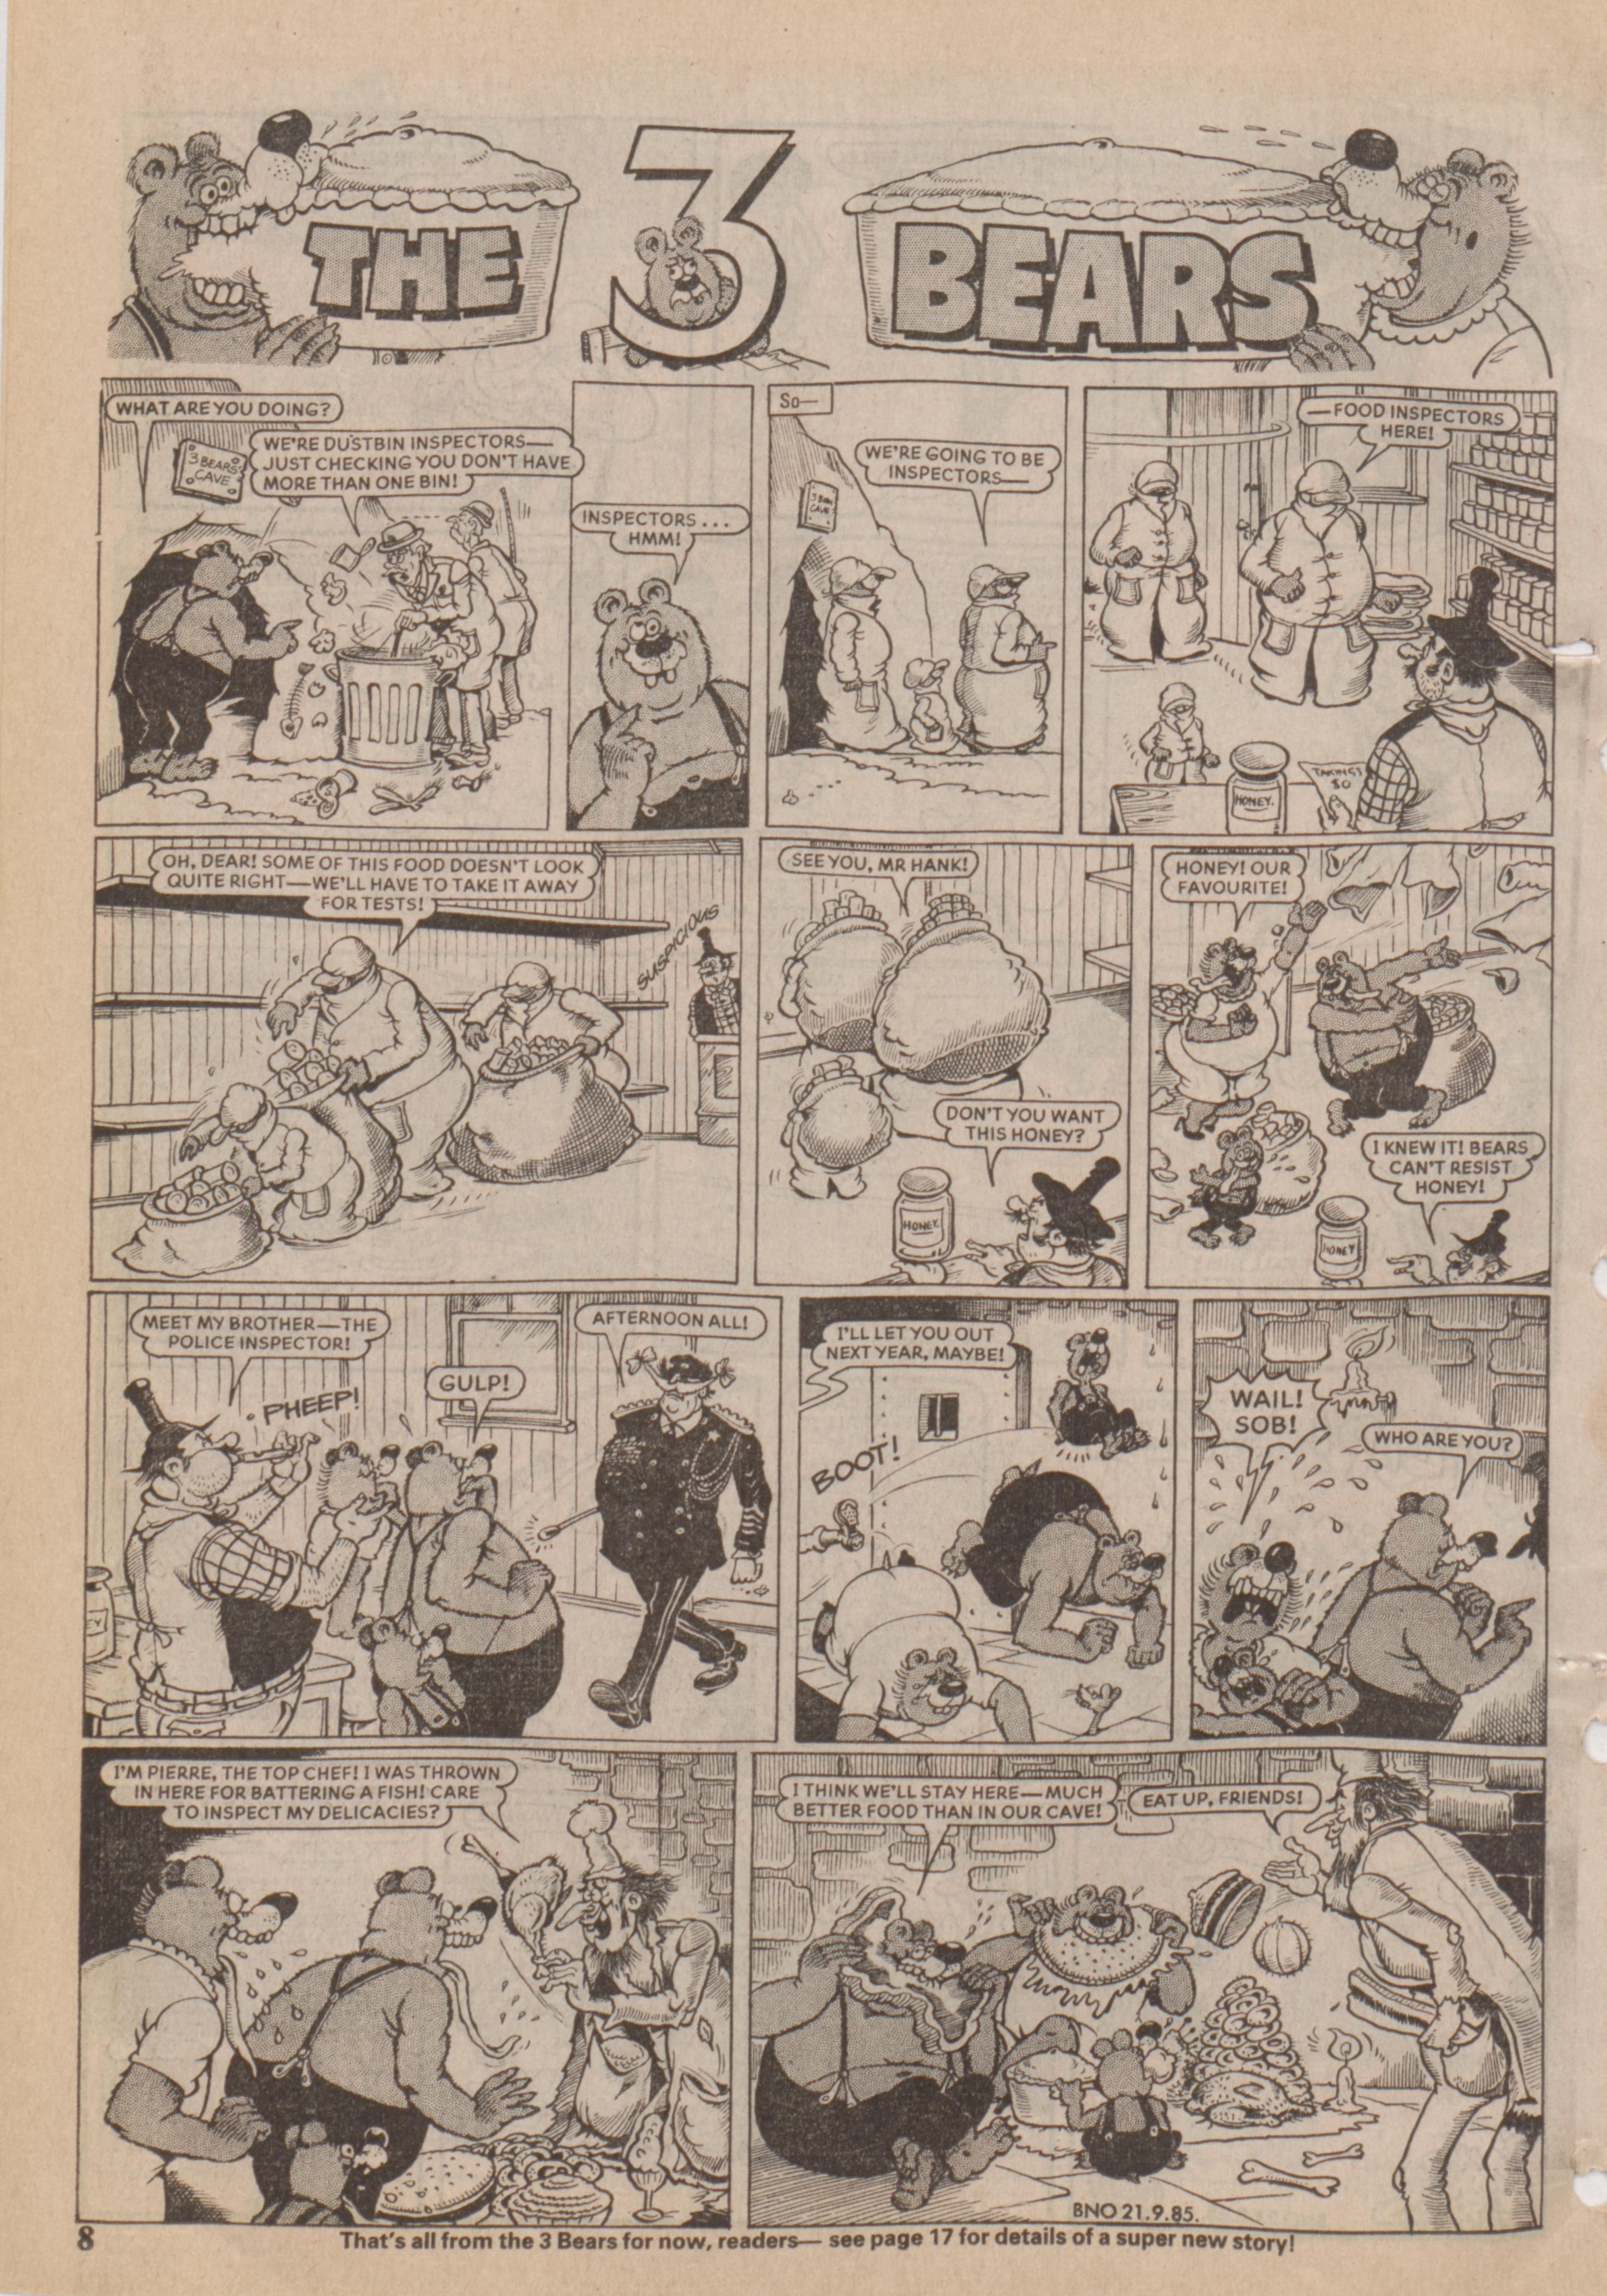 The 3 Bears from Beano No. 2253, 21.9.1985